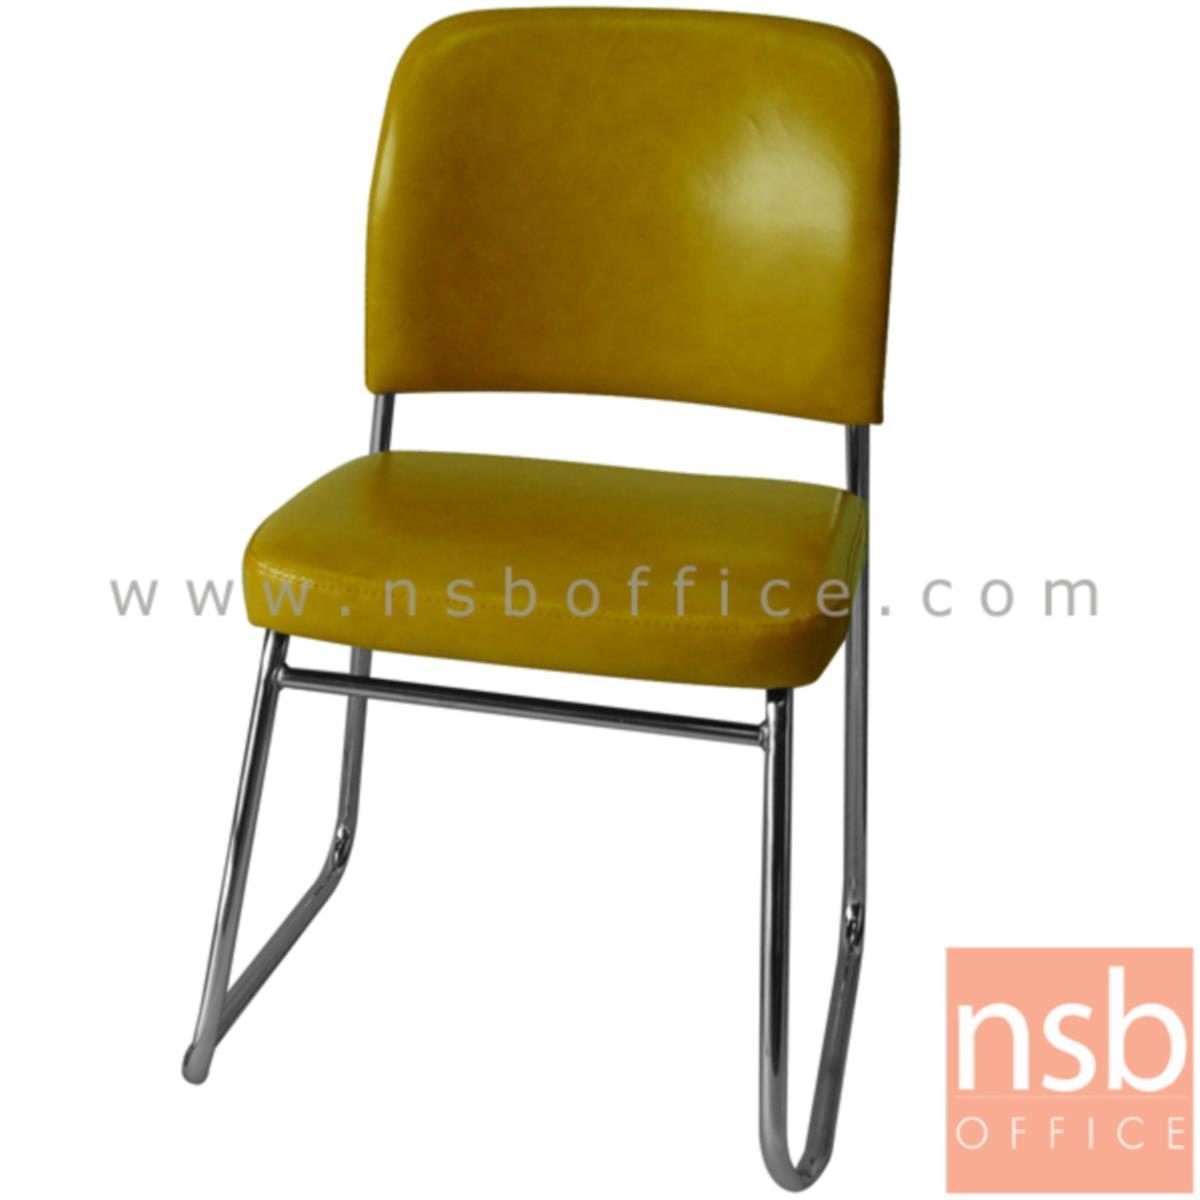 เก้าอี้รับแขกขาตัวยู รุ่น Pearce (เพียร์ซ)  ขาเหล็กชุบโครเมี่ยม